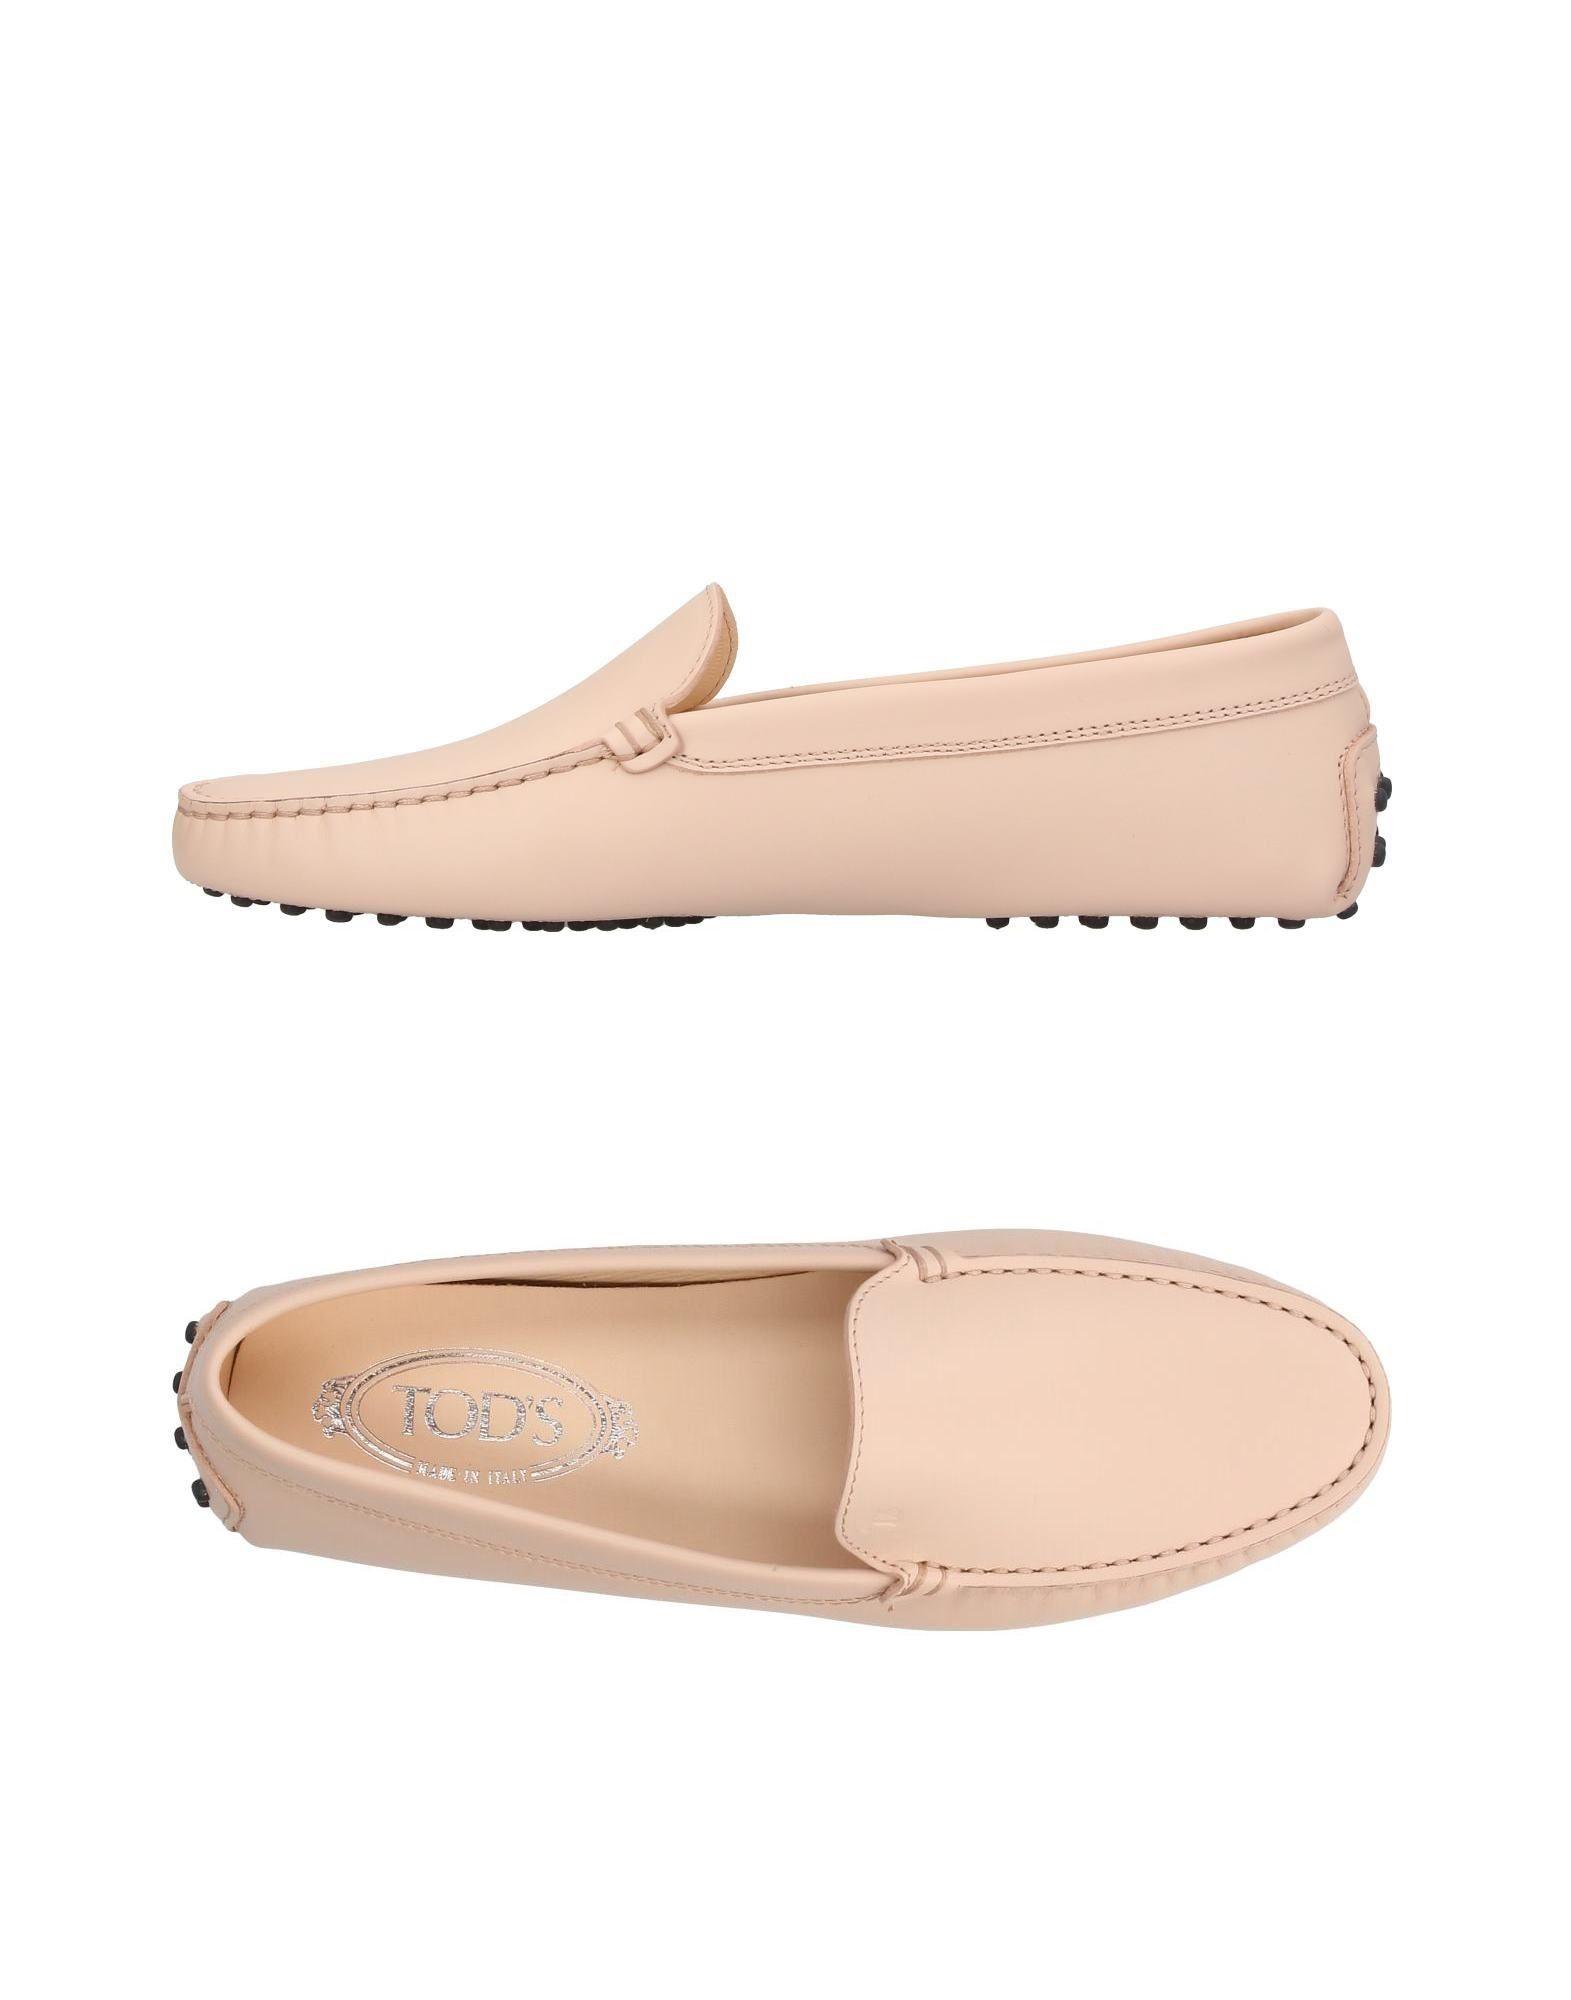 Haltbare Mode billige Schuhe Tod's Mokassins Damen  11412708VR Heiße Schuhe